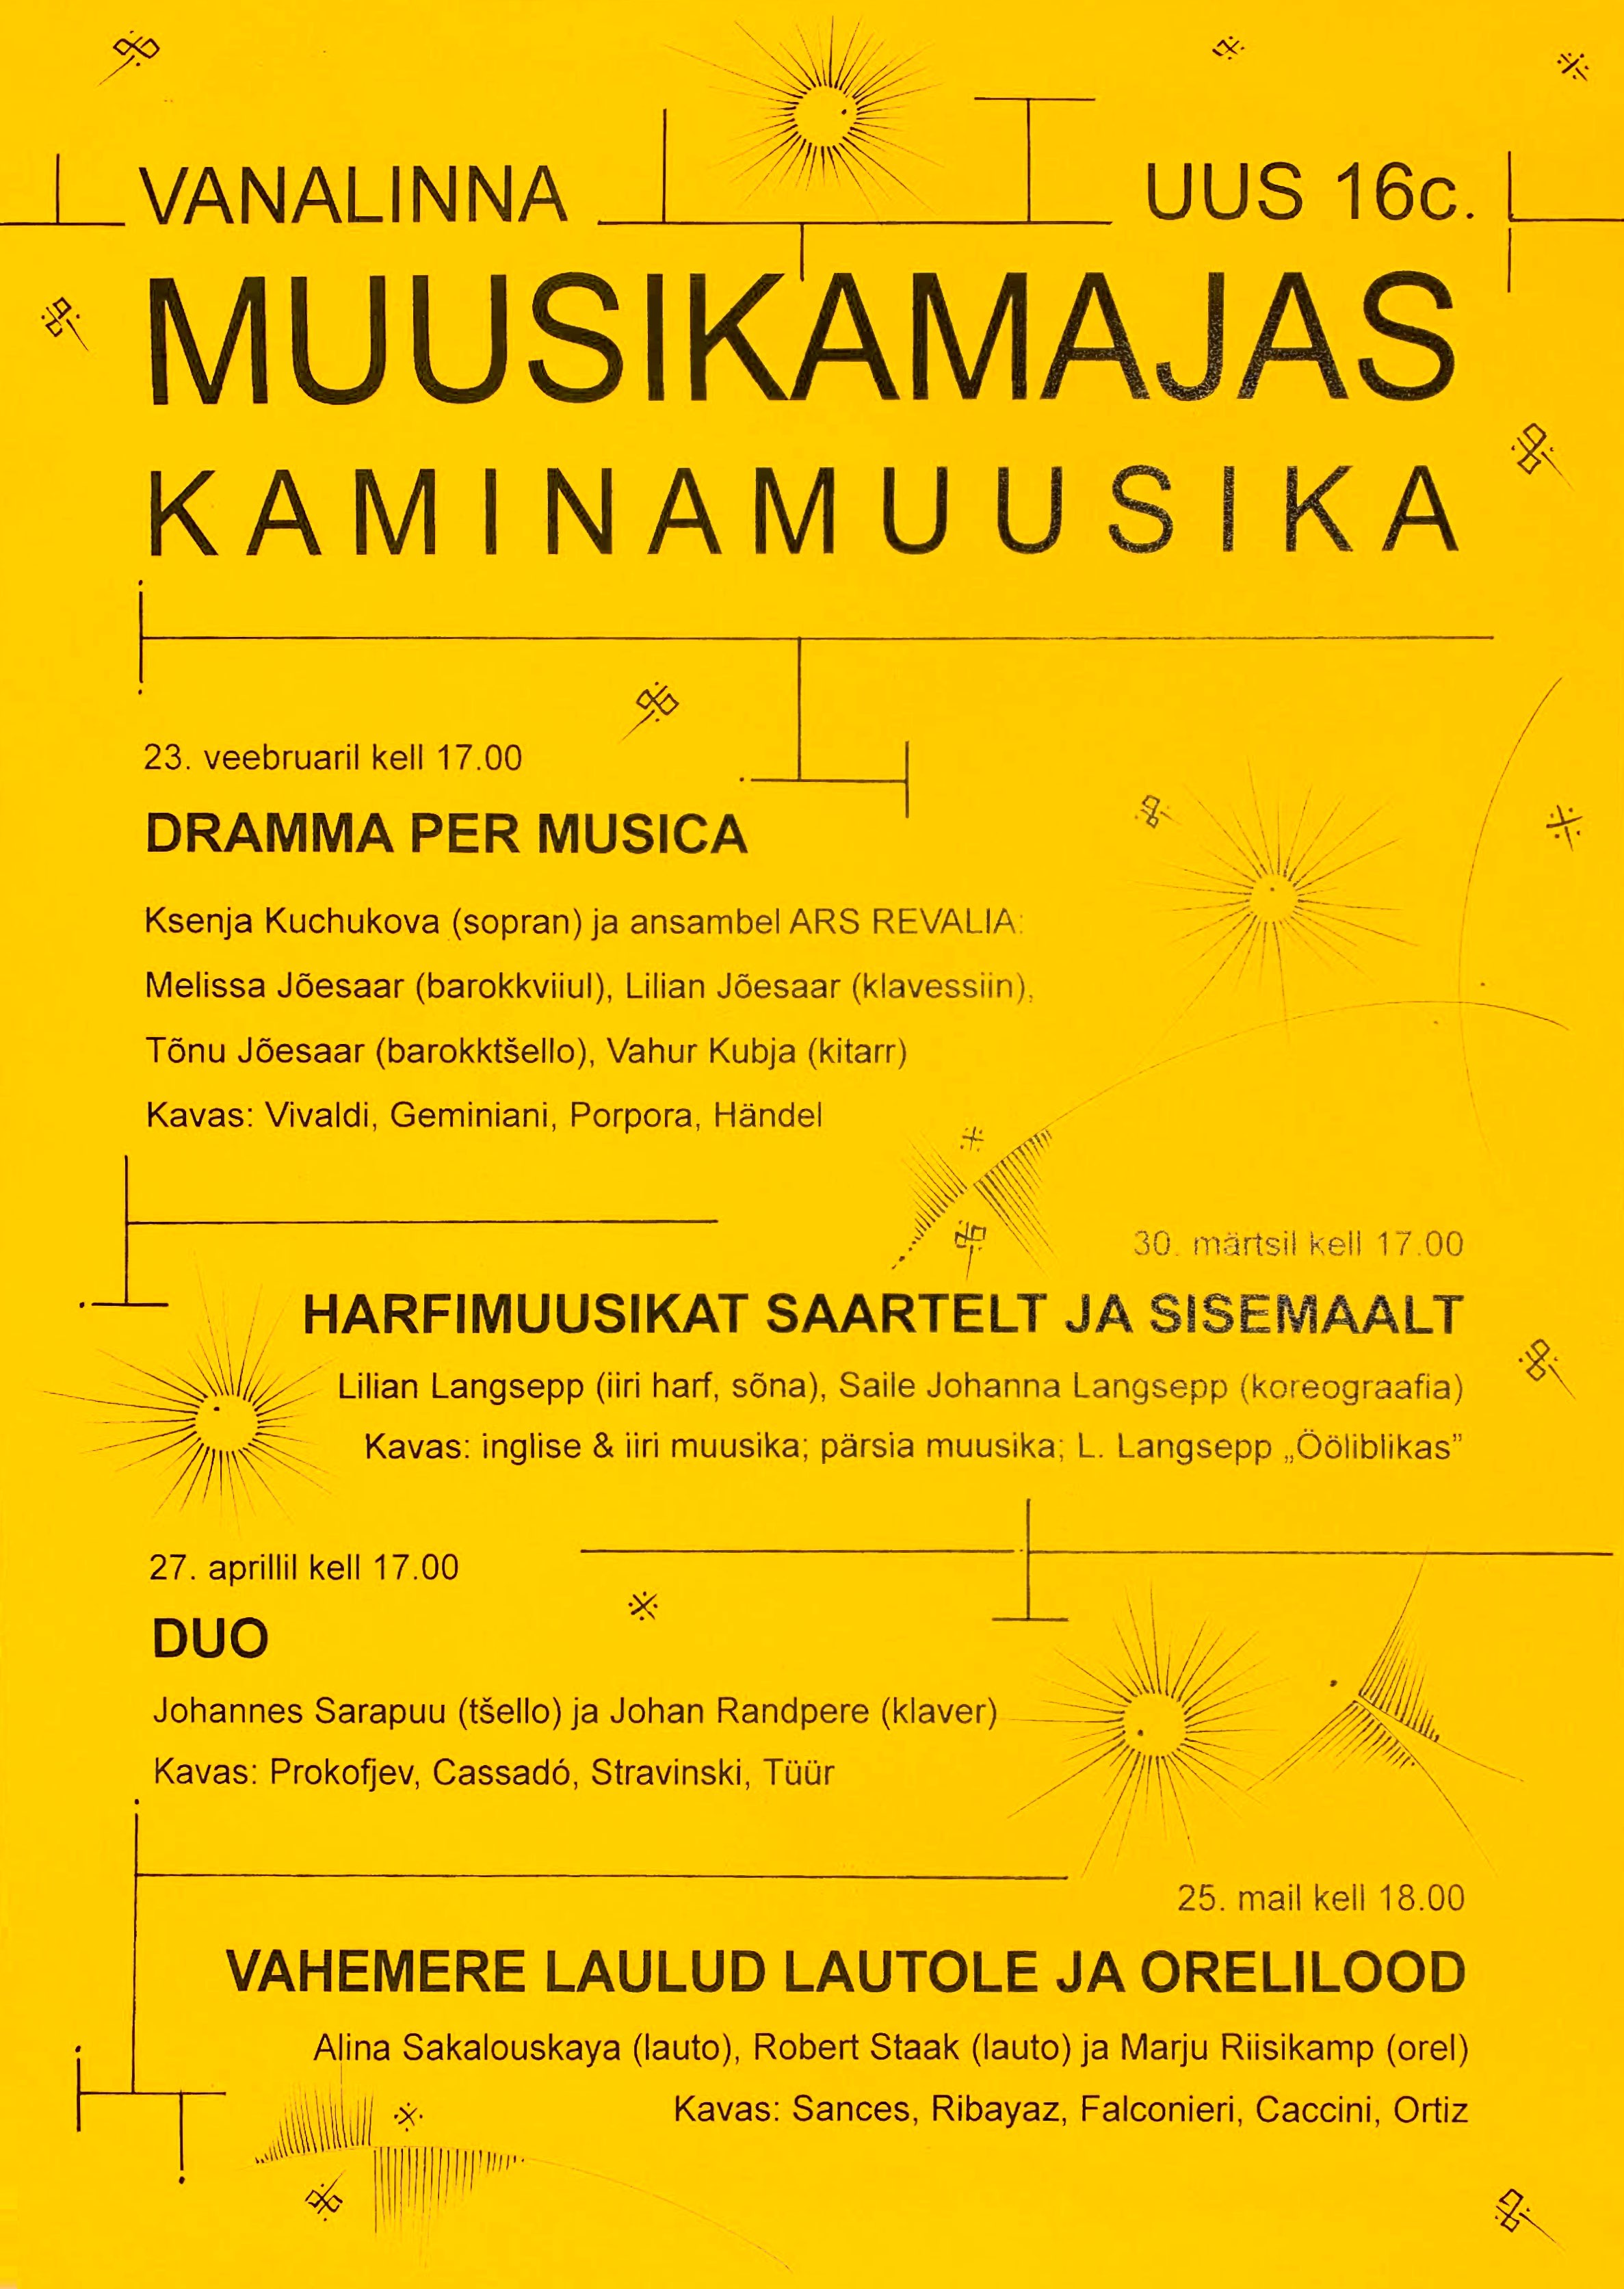 KAMINAMUUSIKA Dramma per musica